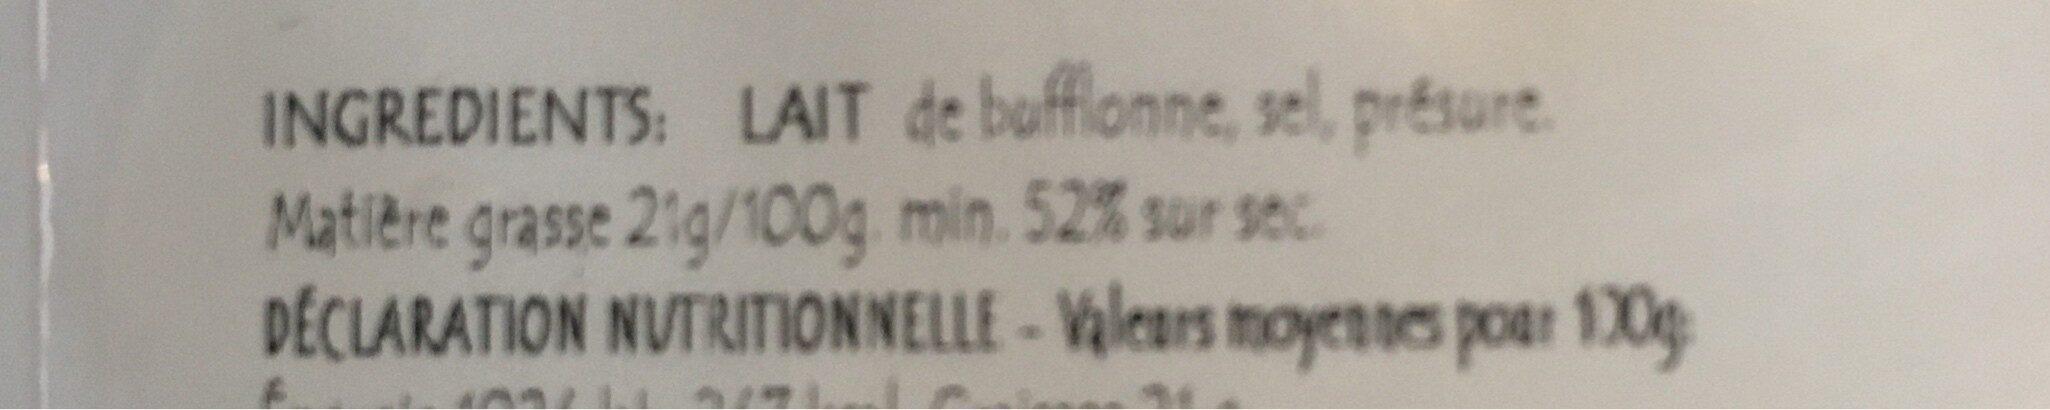 Mozzarella di Bufala Campana au lait cru - Ingredients - fr